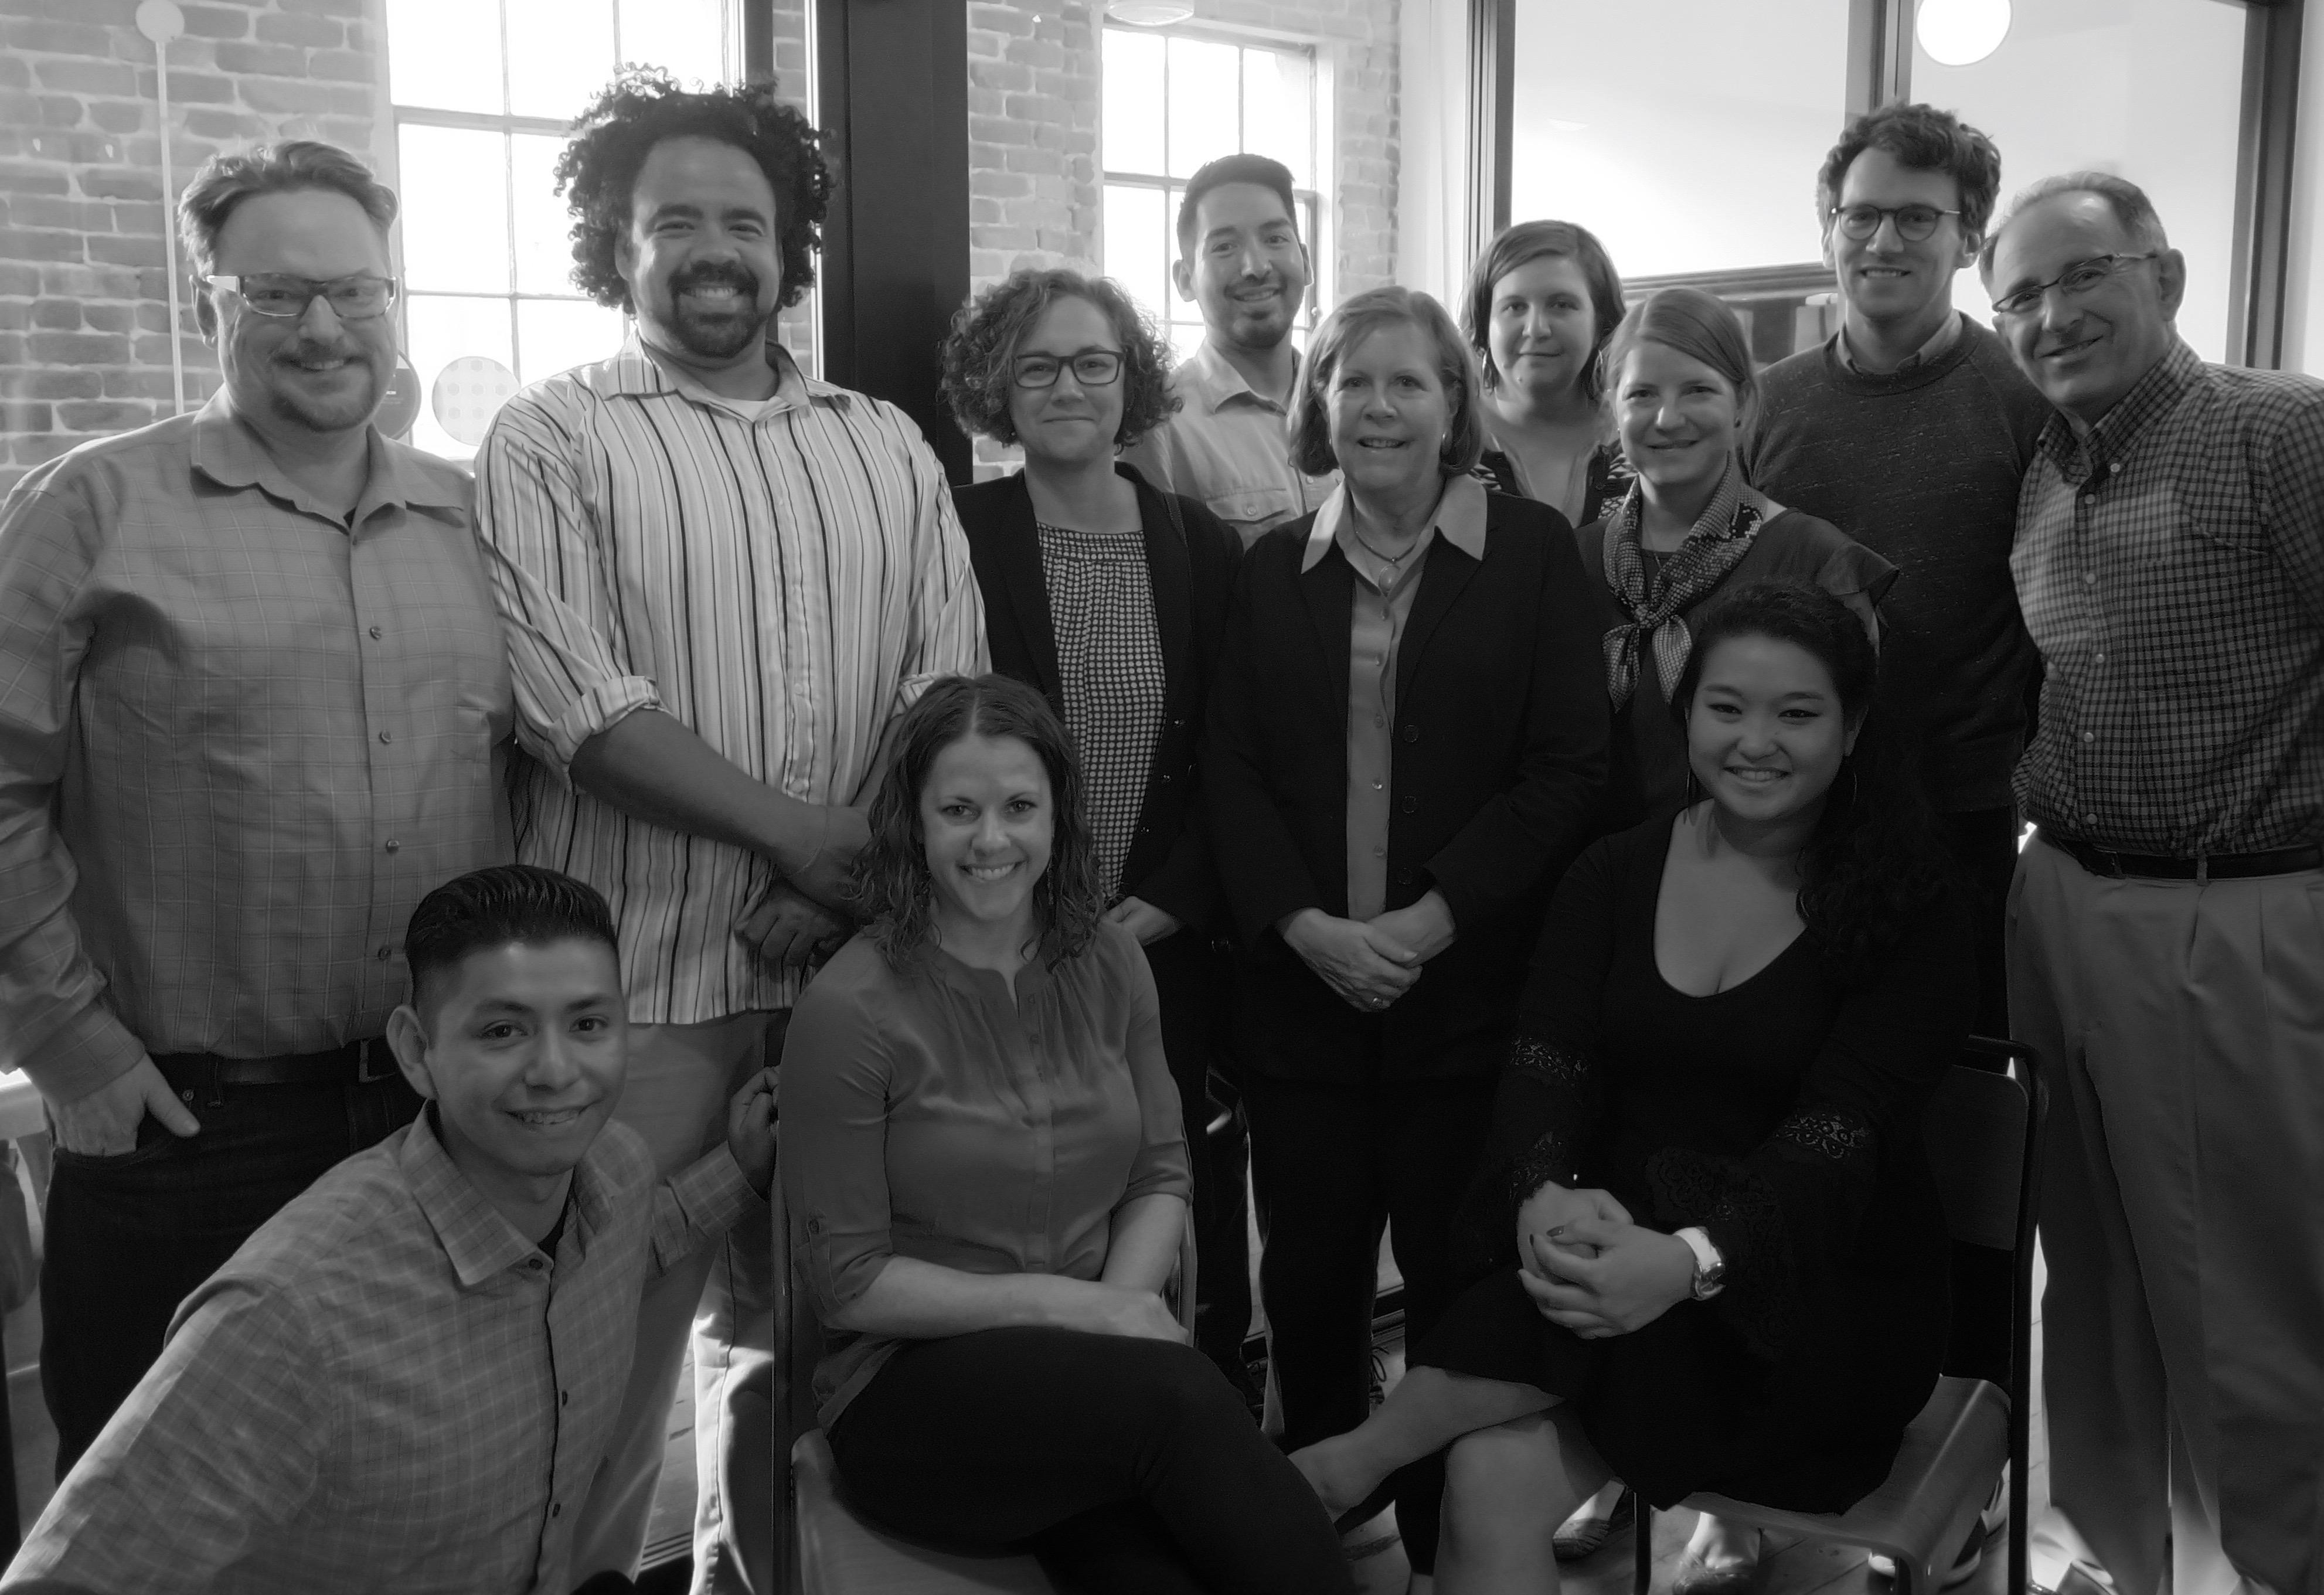 Bay Area Fellowship Network